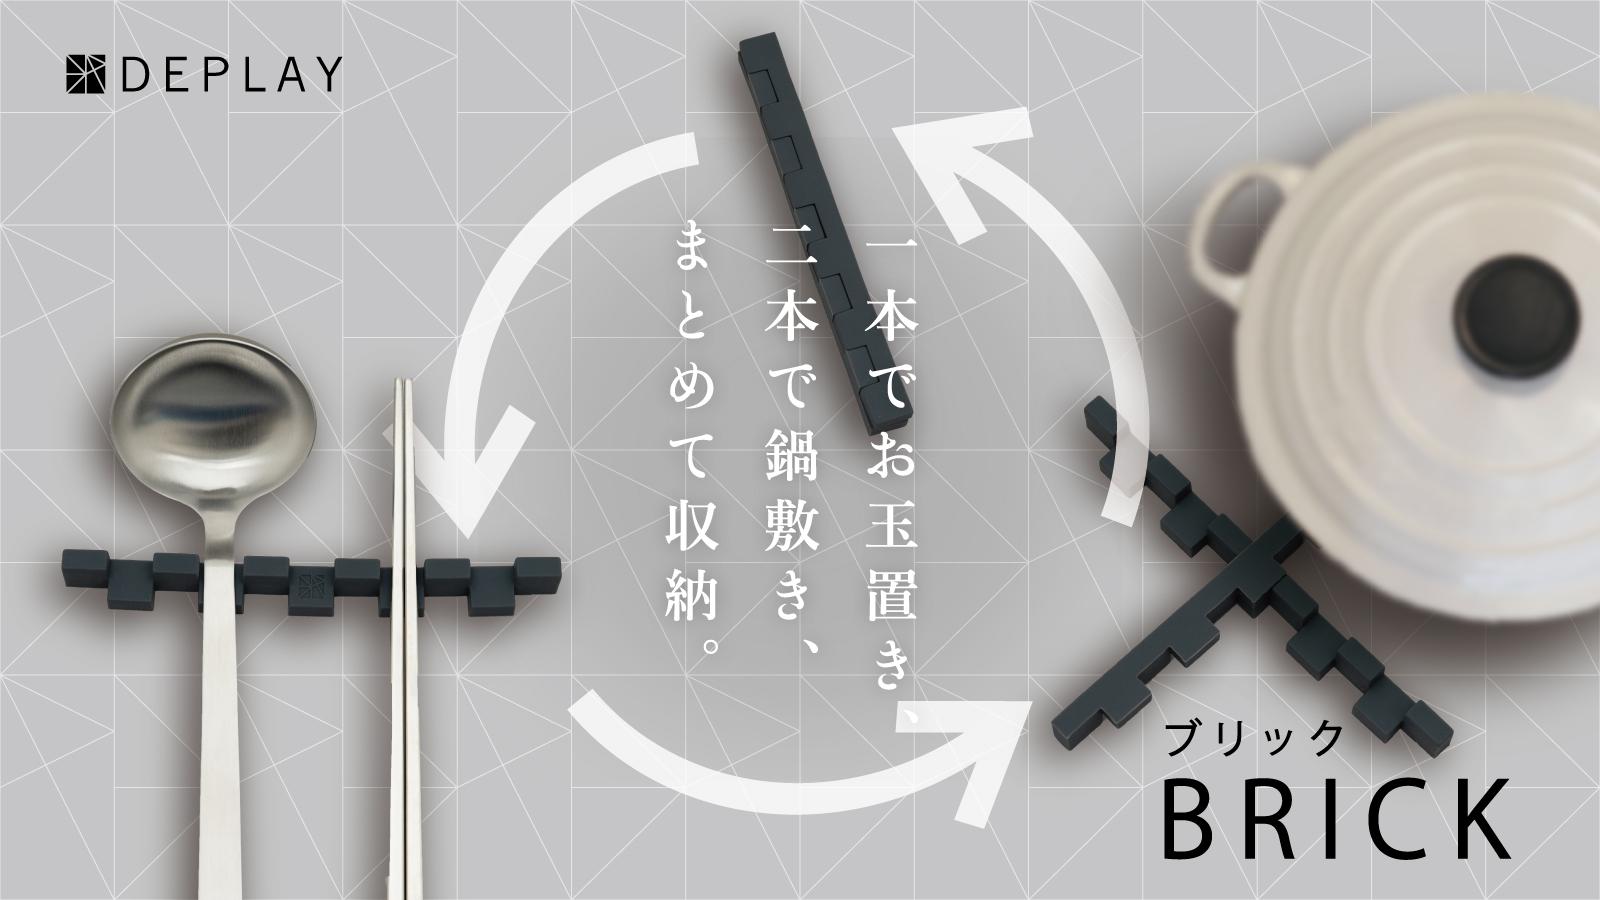 超画期的!鍋敷き&お玉置き「BRICK(ブリック)」は用途にあわせてトランスフォーム